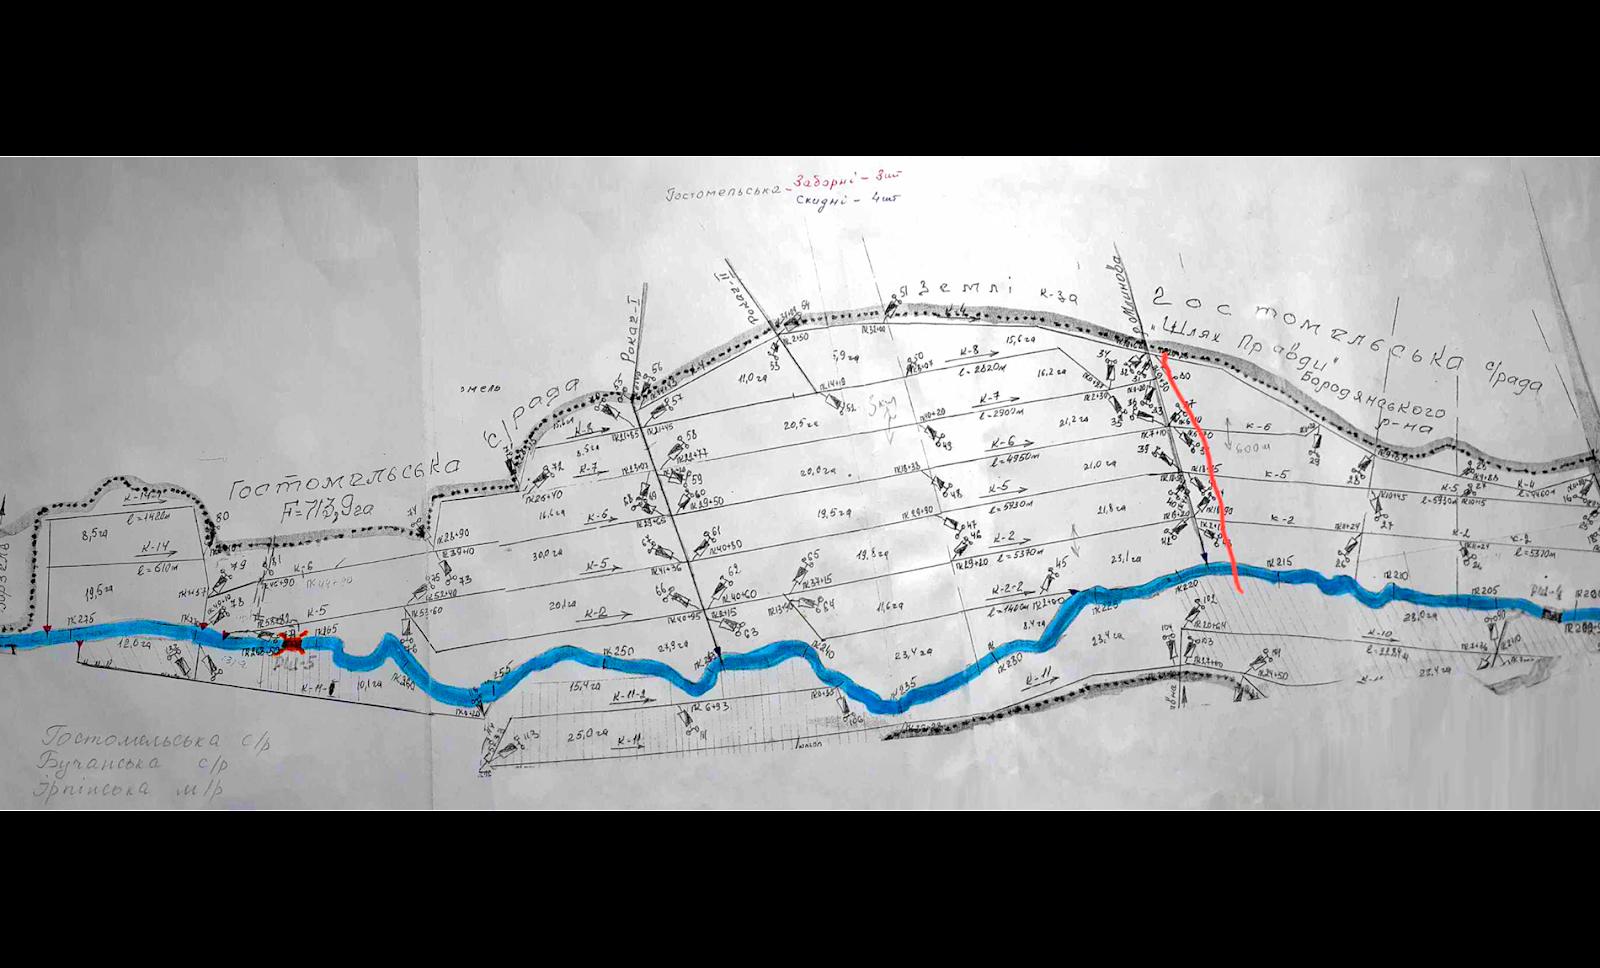 Схема частини Ірпінської осушувально-зволожувальної системи в районі Ірпеня-Гостомеля